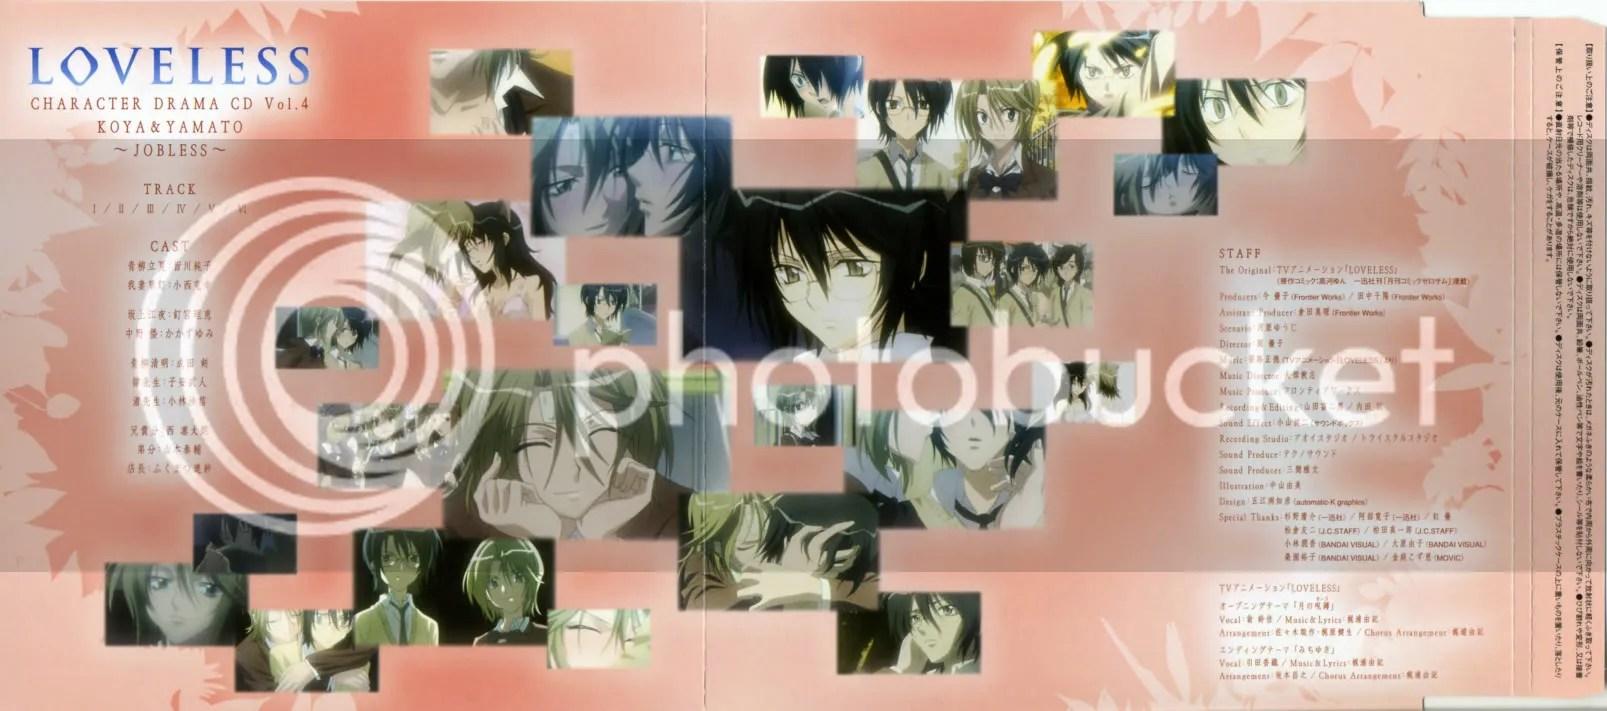 Loveless Drama CD 2.